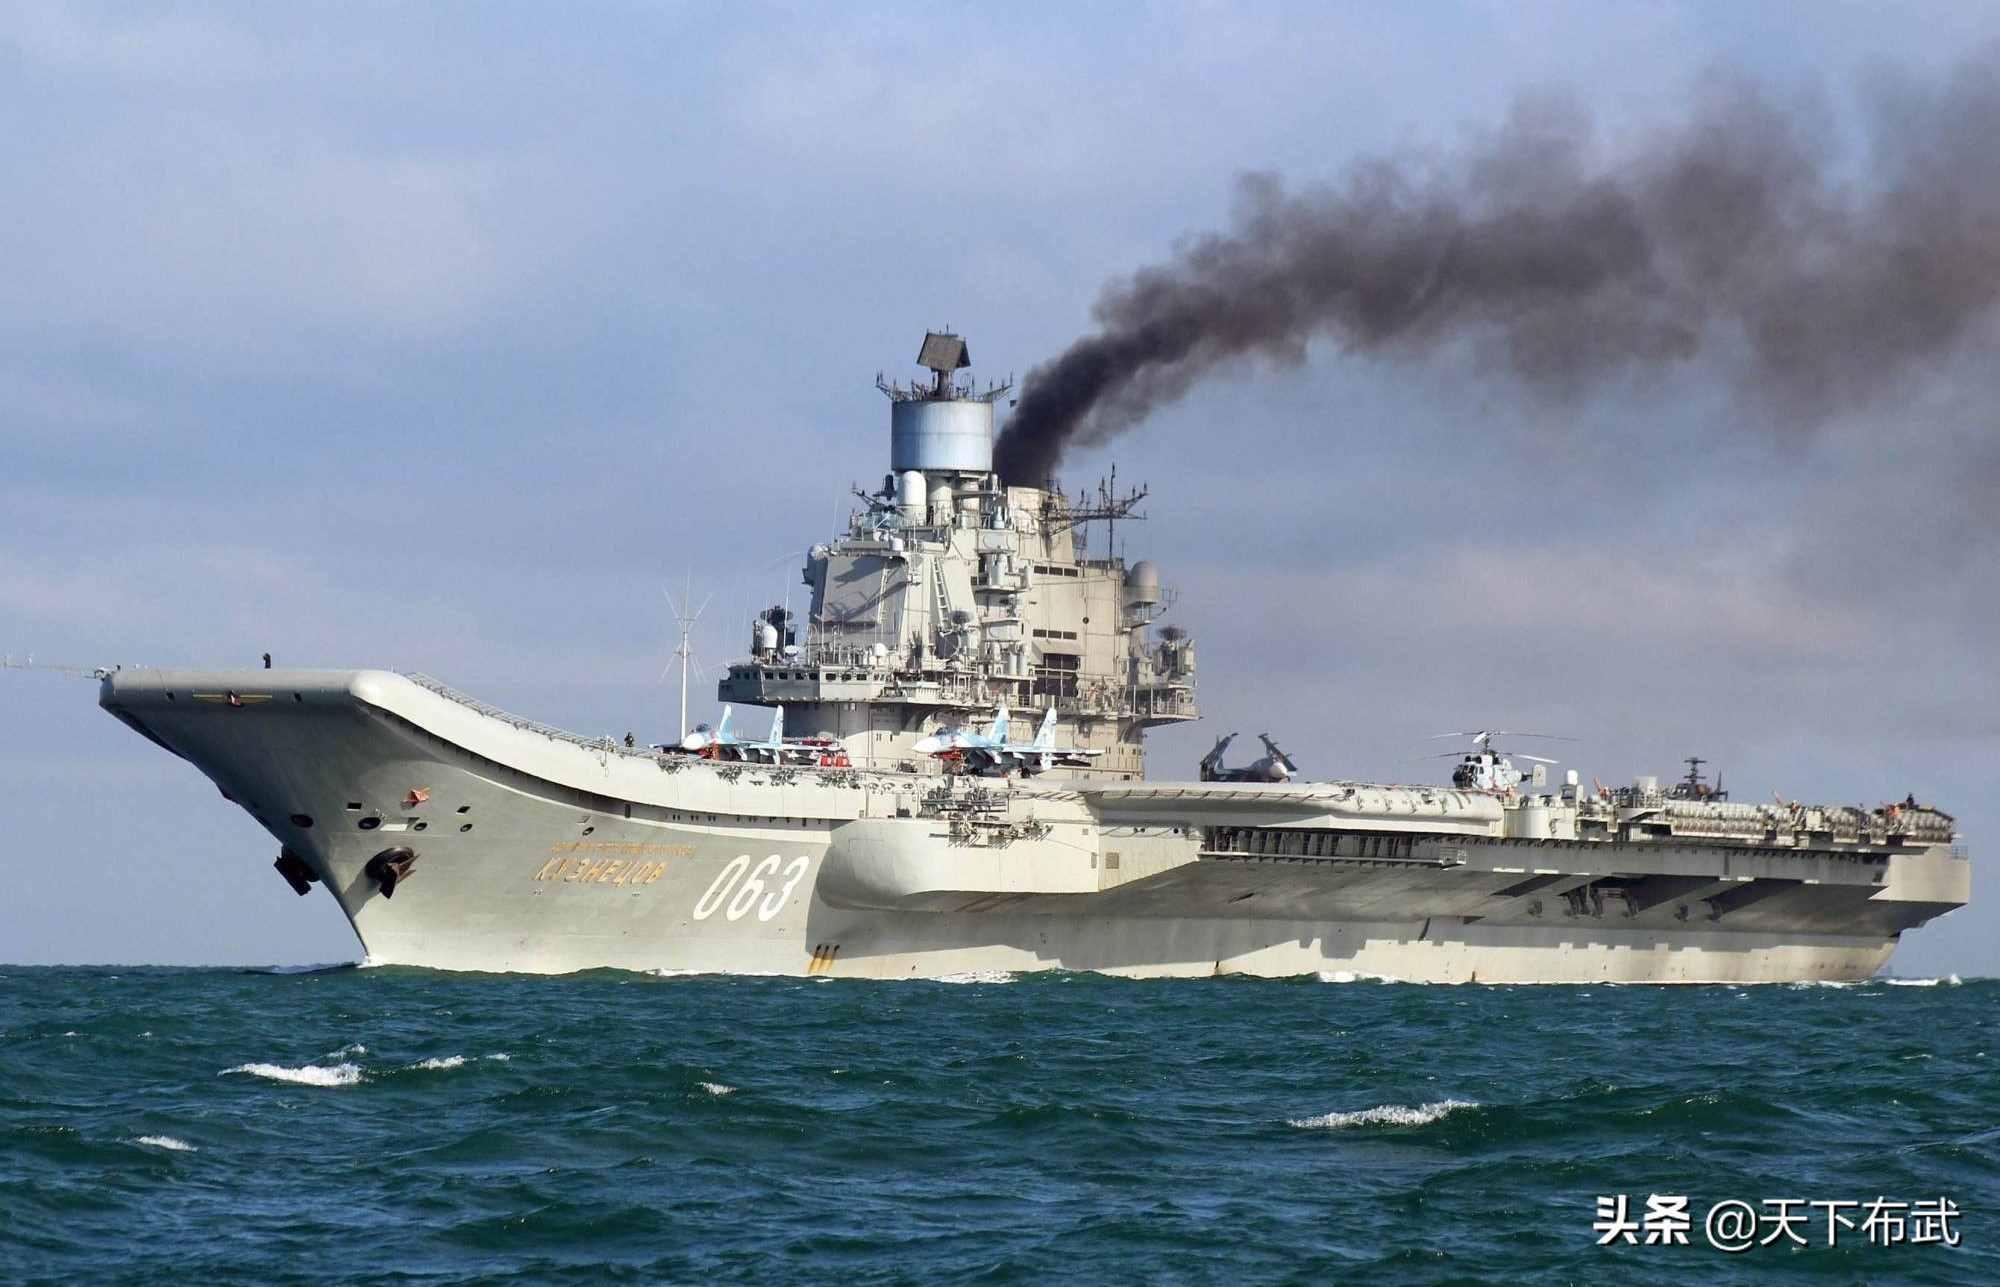 海上绝对实力的象征:盘点全球8个国家,仅剩的21艘航母